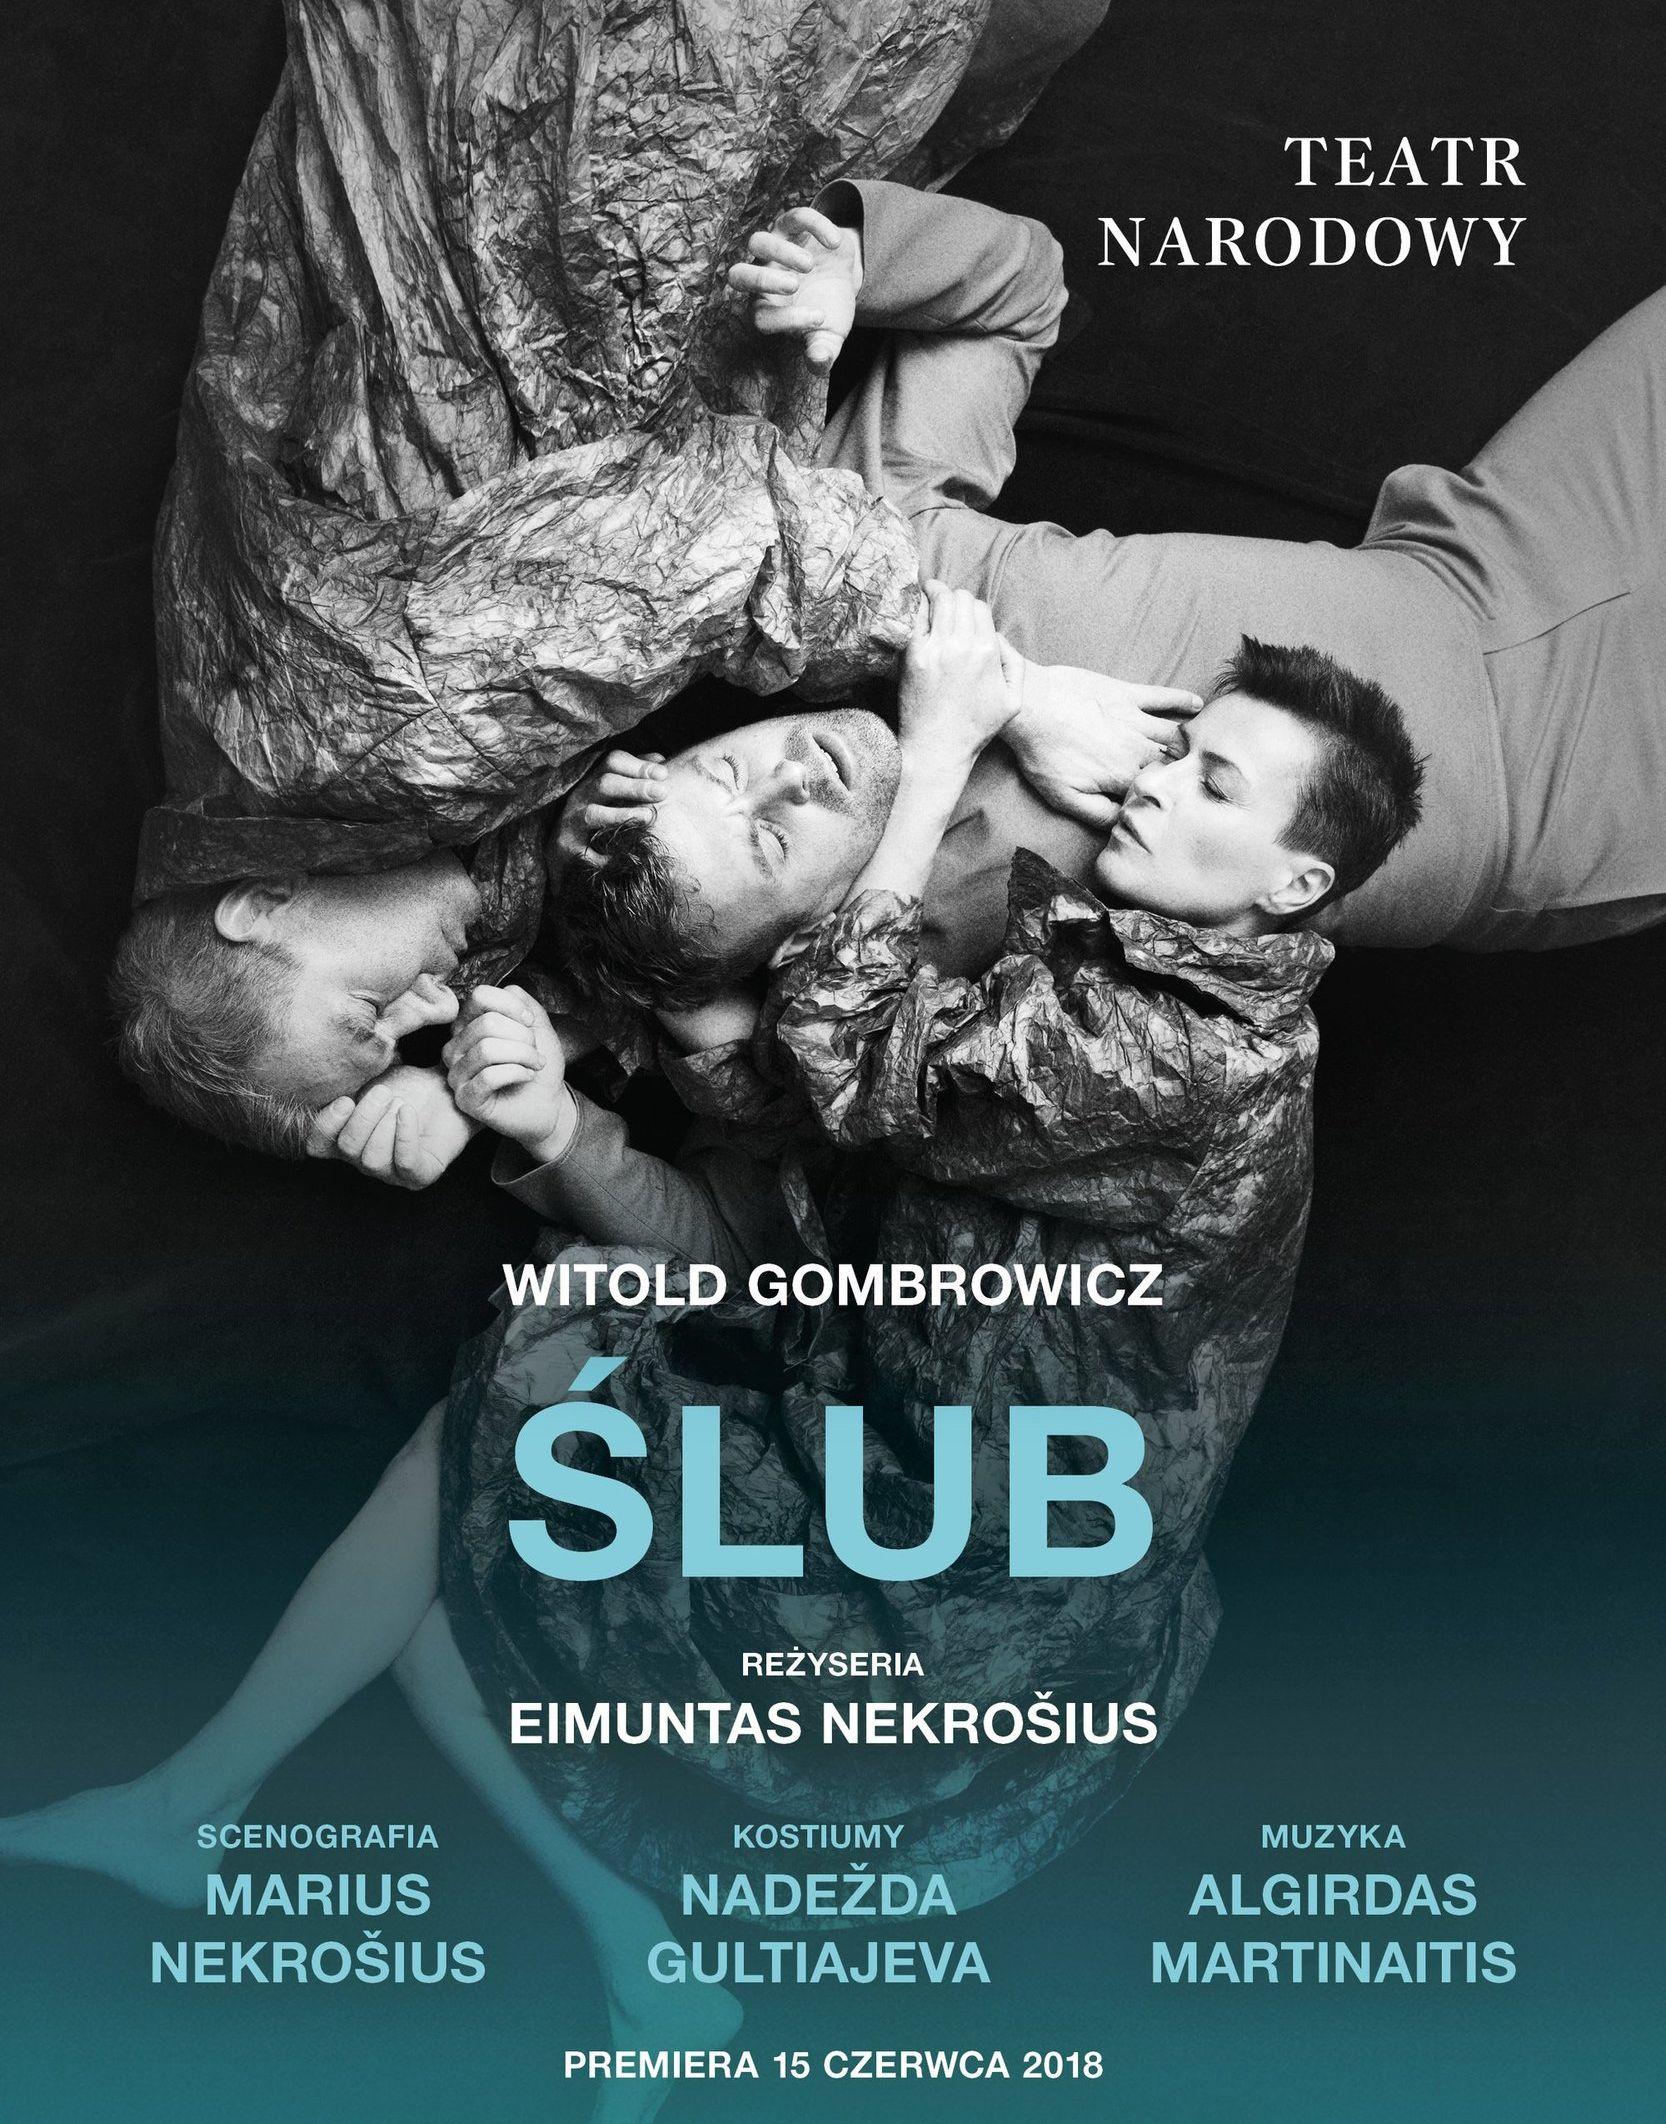 """Witold Gombrowicz, """"Ślub"""", reż. Eimuntas Nekrošius (źródło: materiały prasowe teatru)"""